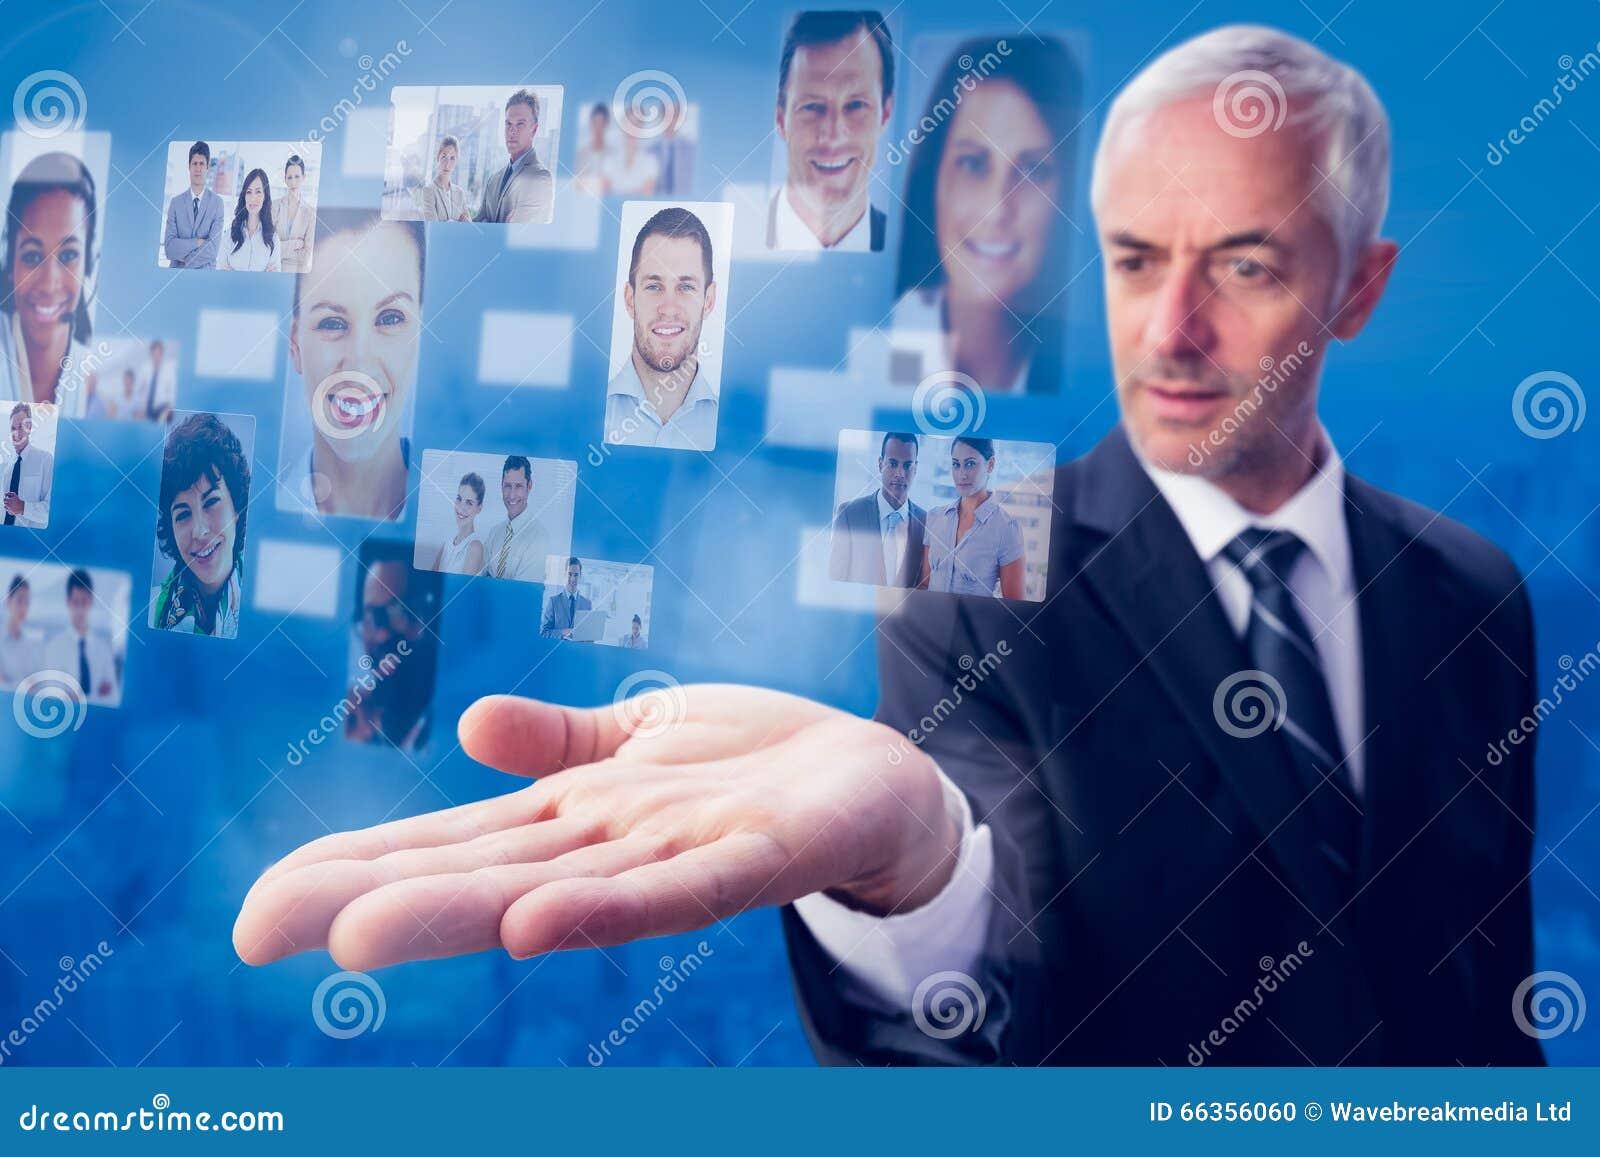 Samengesteld beeld van geconcentreerde zakenman met omhoog palm